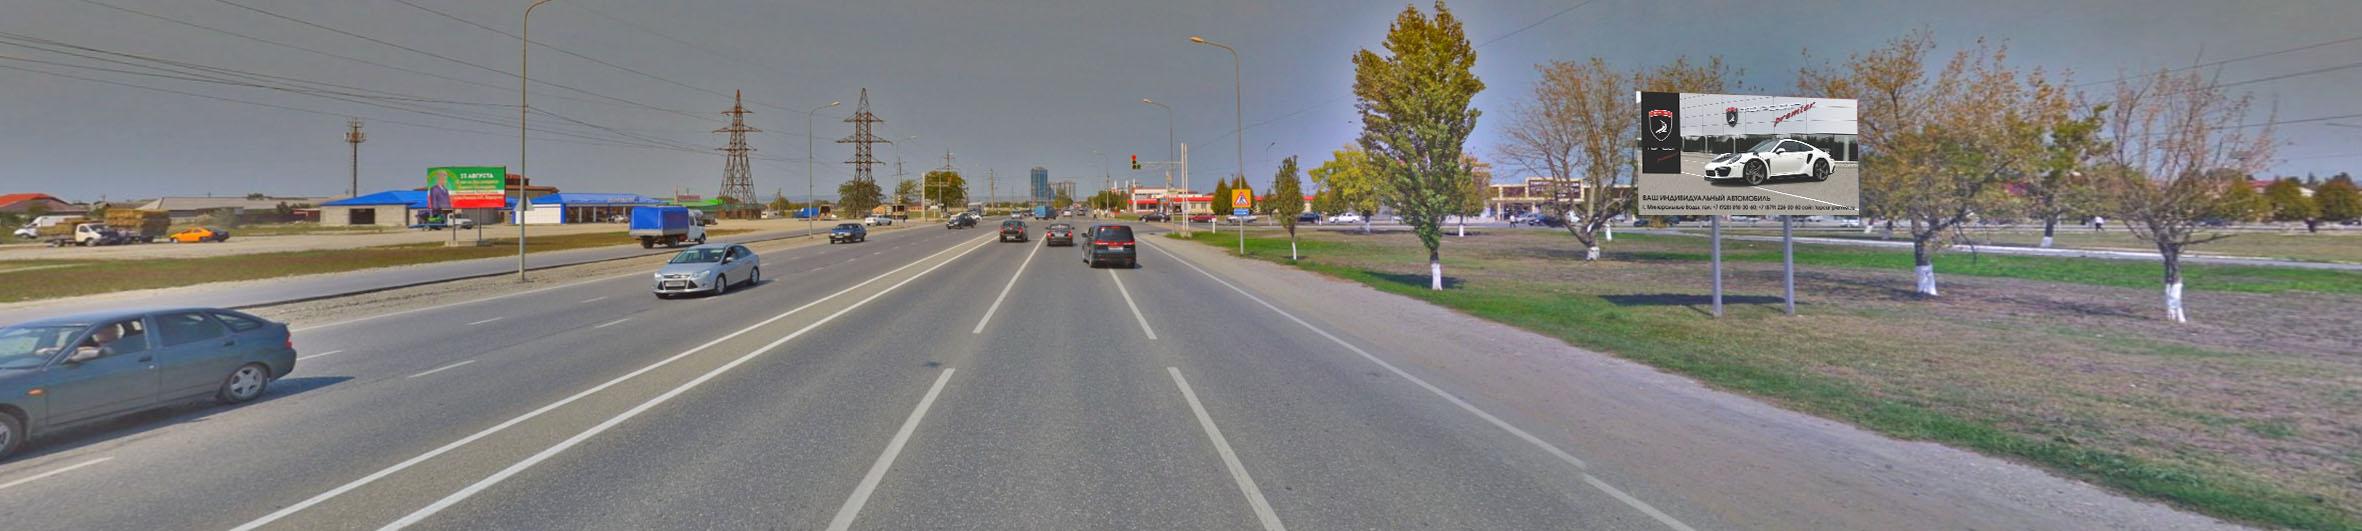 Реклама на билбордах в Чеченской Республике Аргун